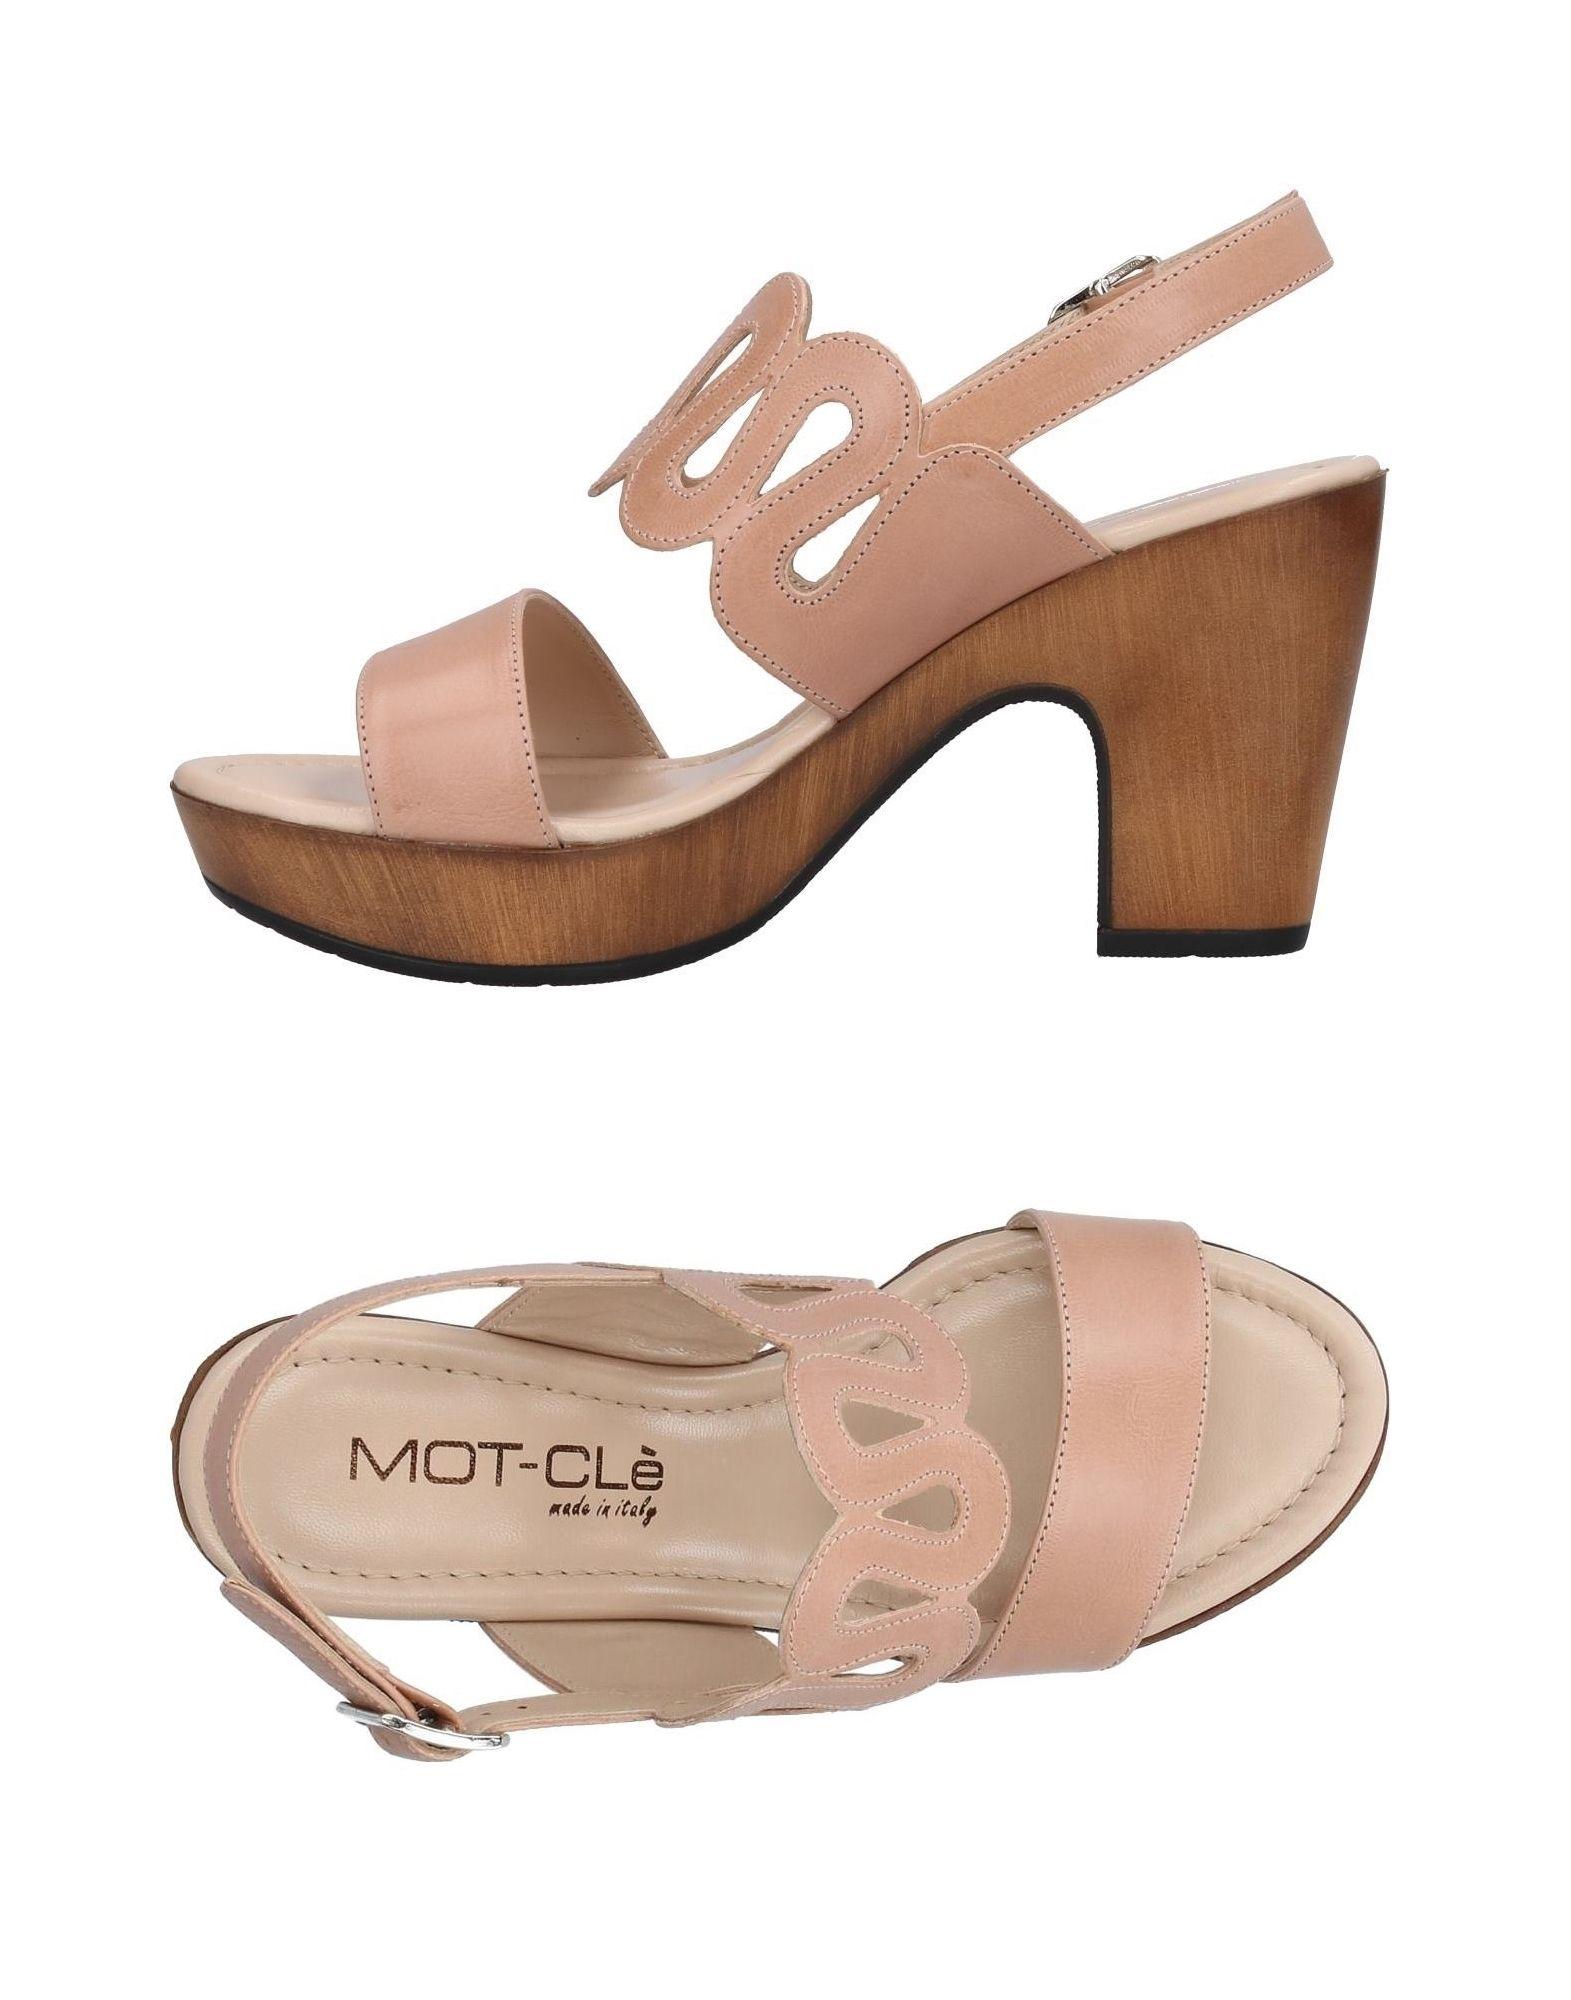 Sandales Mot-Clè Femme - Sandales Mot-Clè sur